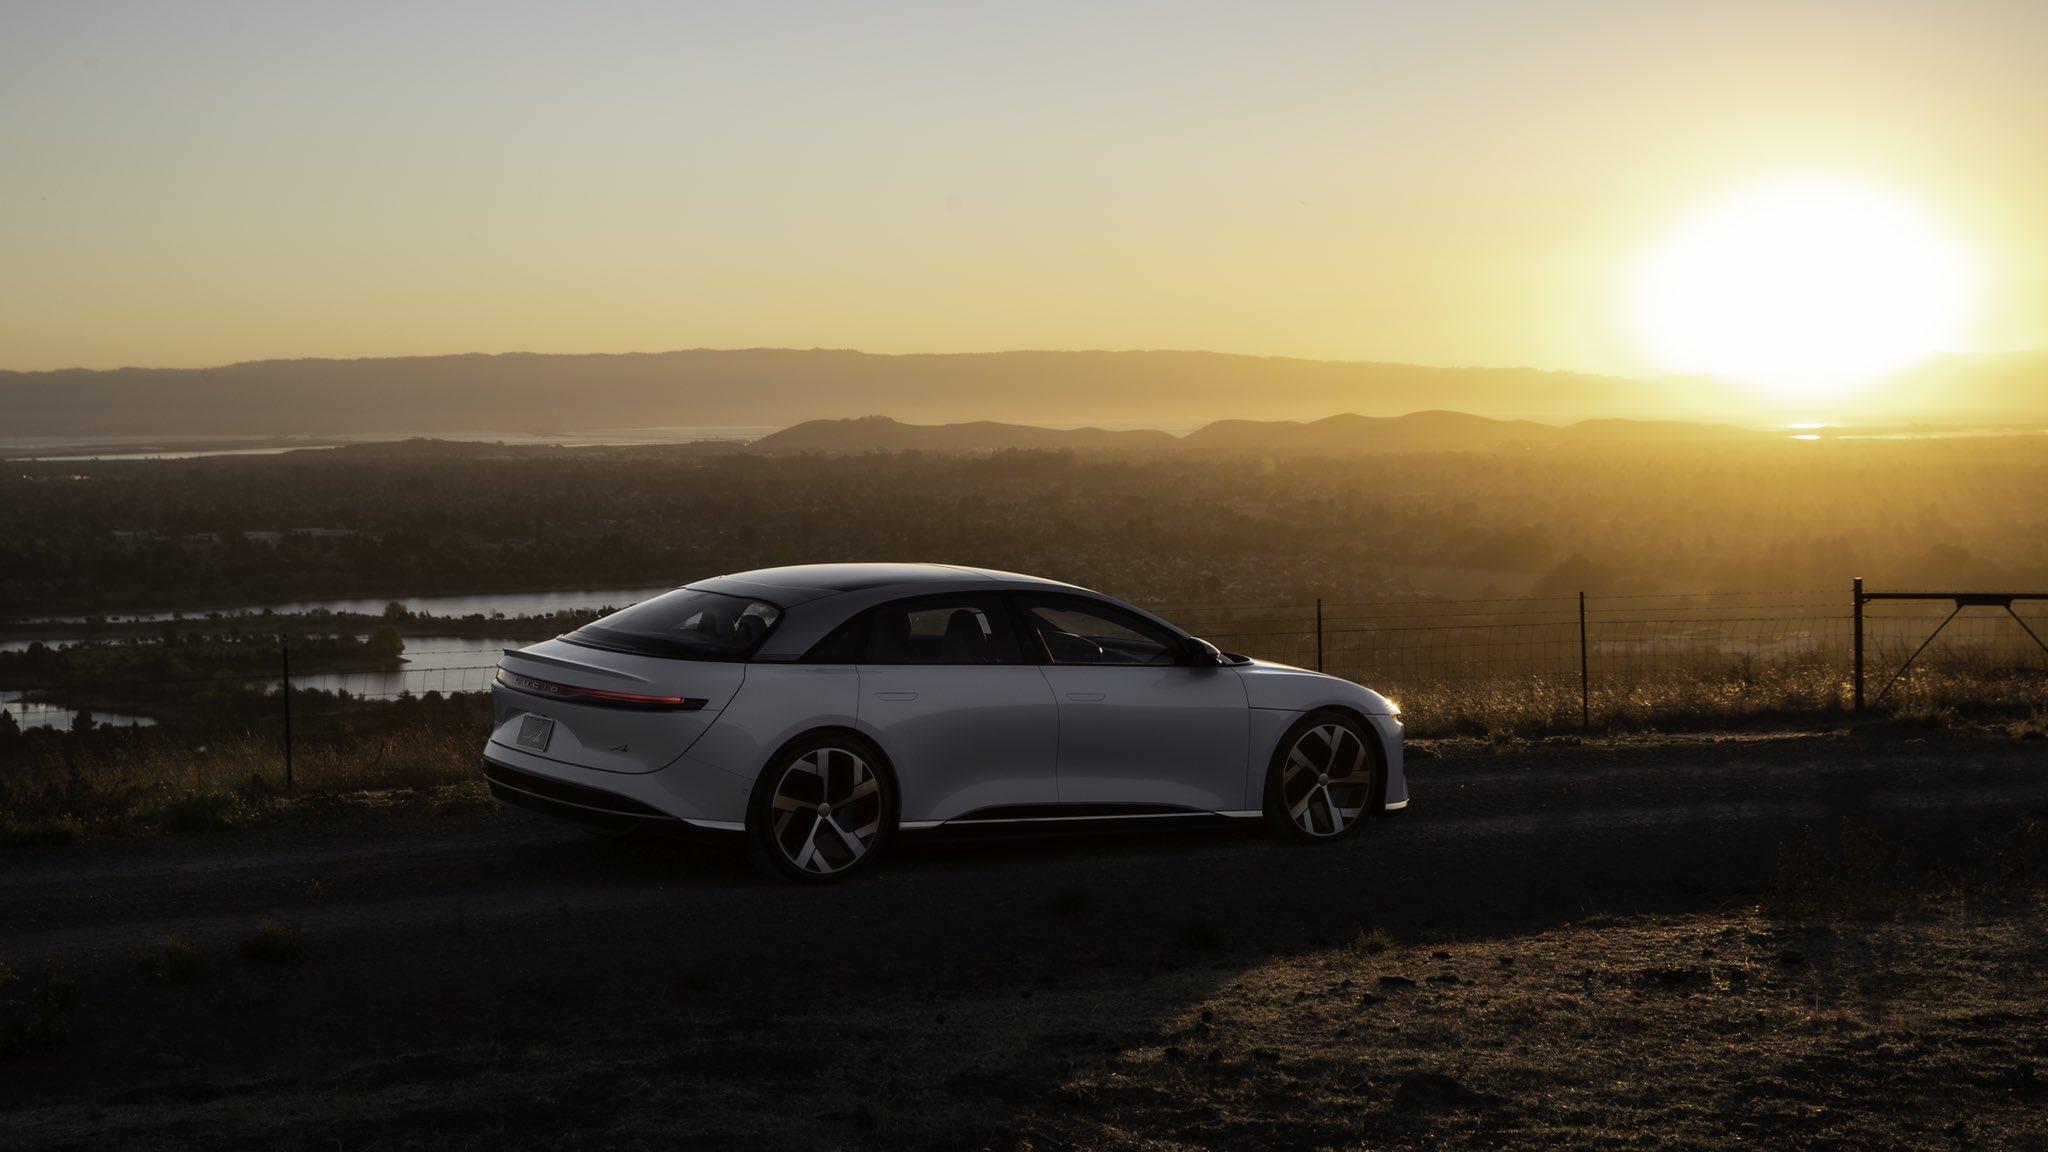 传统巨头集体围剿特斯拉?2021最值得期待的十大智能电动新车